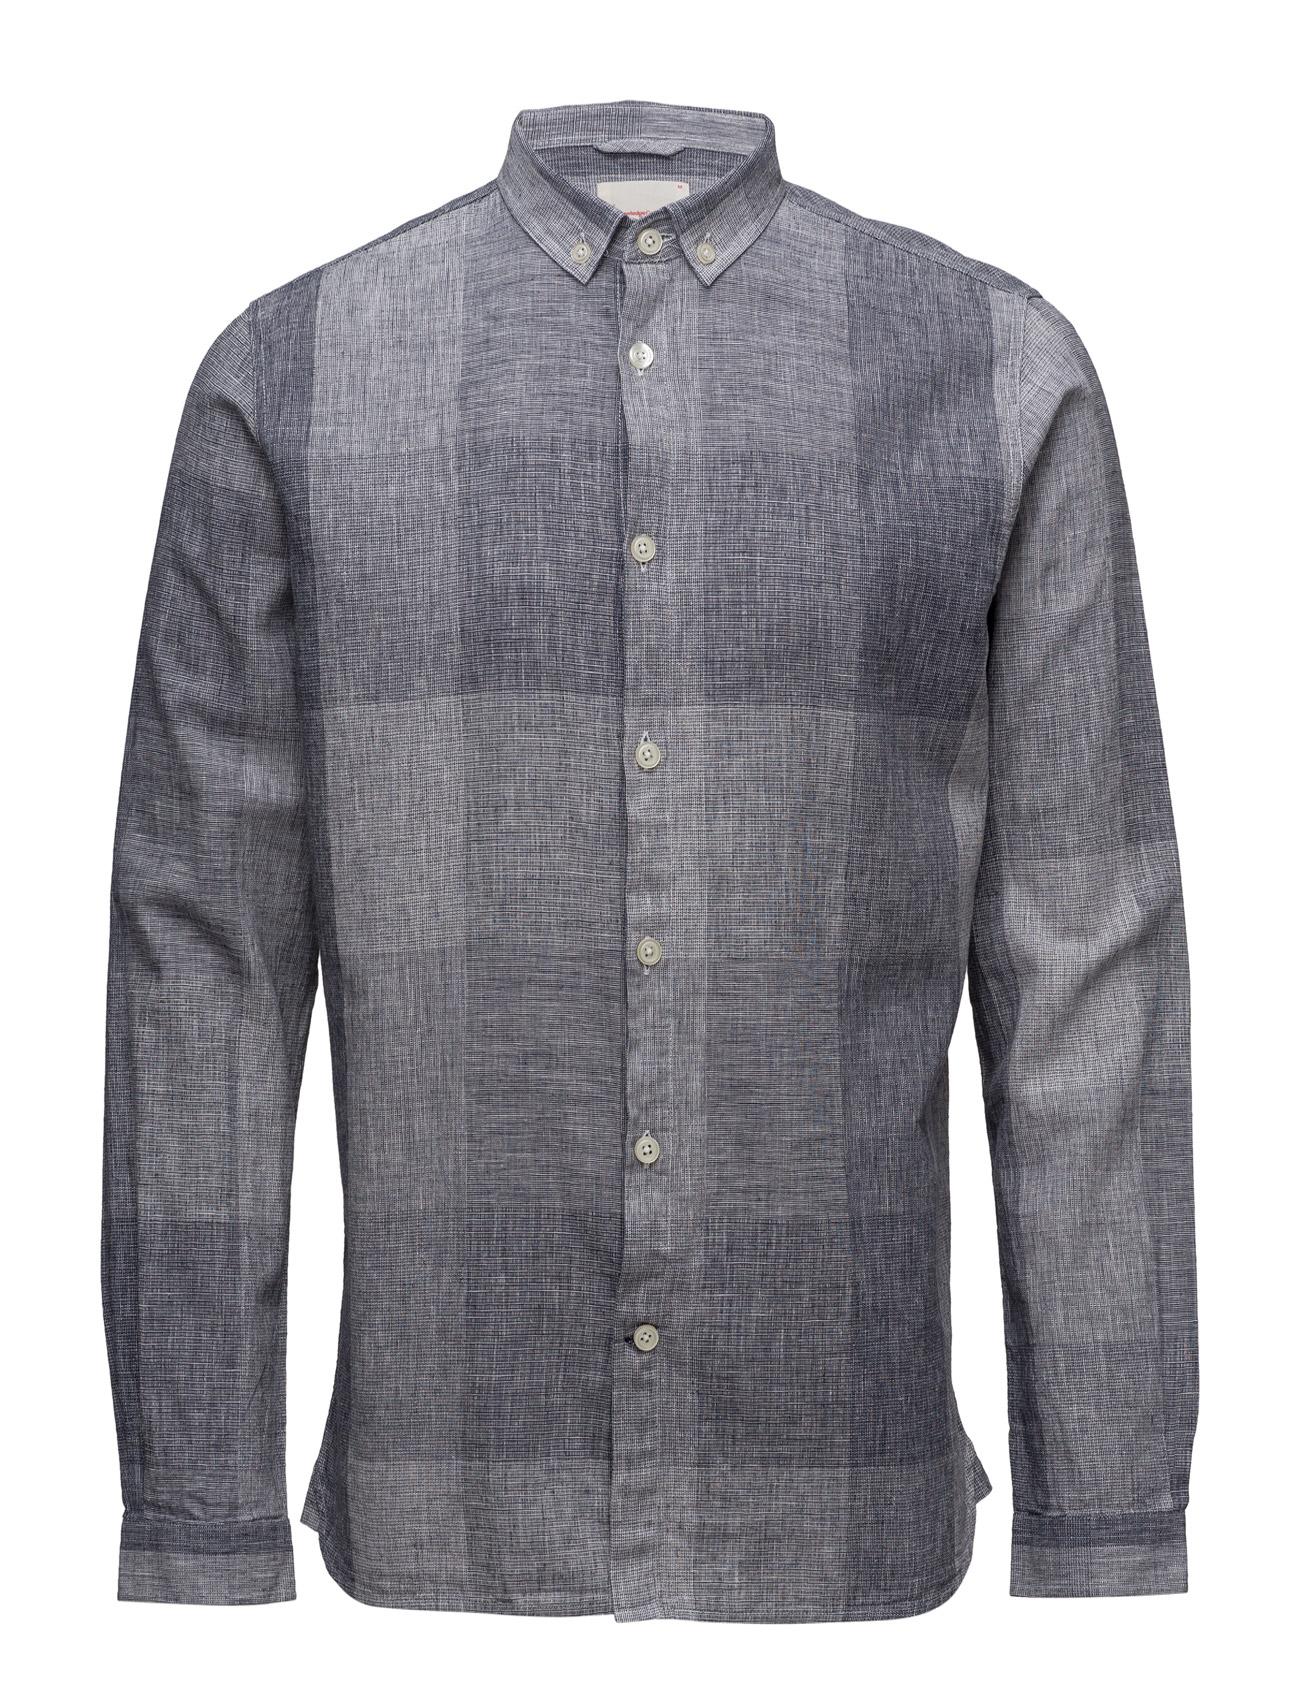 Big Check Shirt - Gots Knowledge Cotton Apparel Casual sko til Mænd i